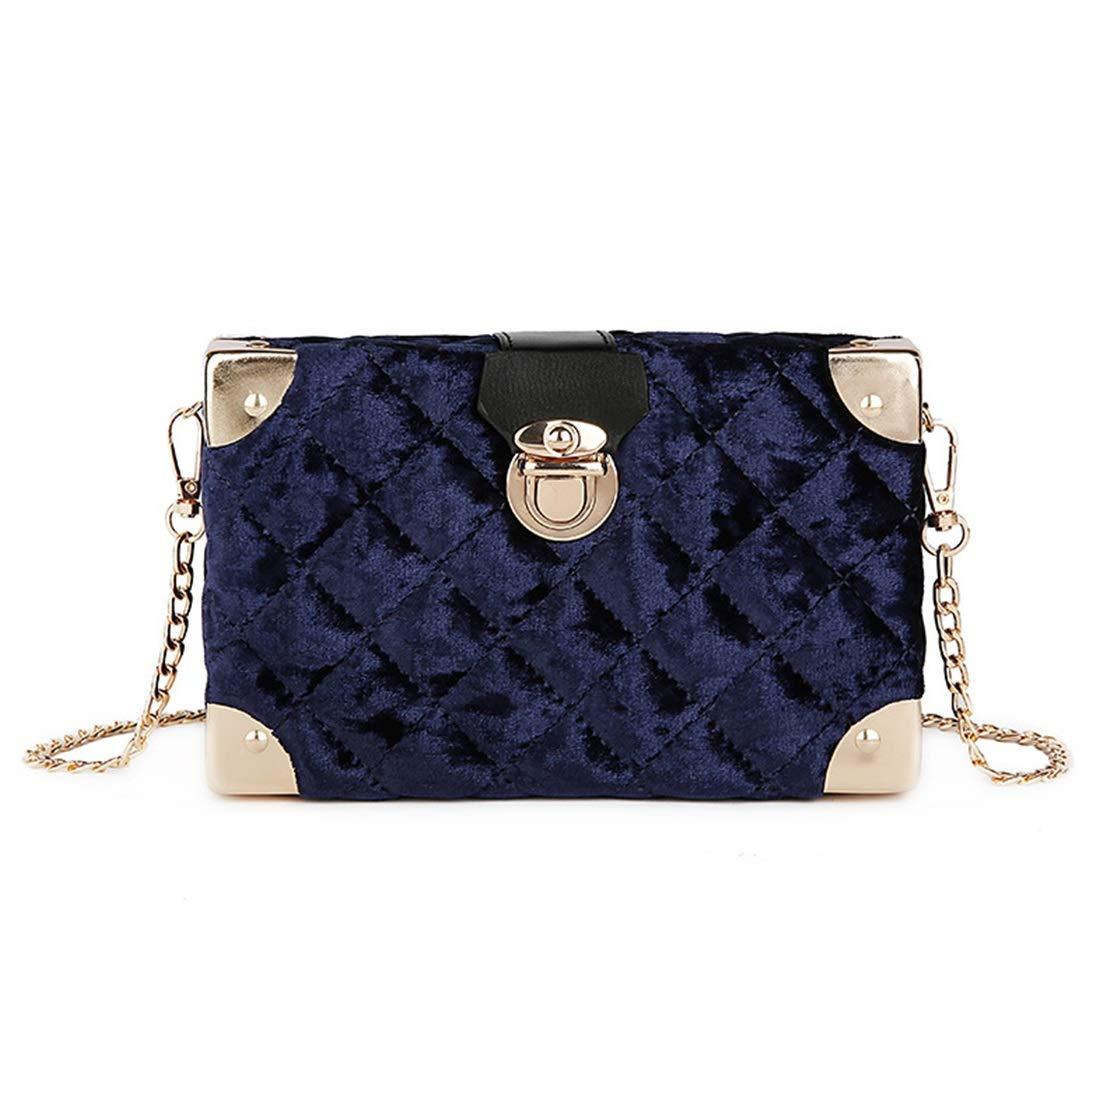 Tatkldisu Damen Umhängetaschen, Plüsch Umhängetasche, Paket Paket Paket Gold Velvet Lingge Muster (Farbe   Blau) B07KWLJRBK Schultertaschen Flagship-Store dbe97b